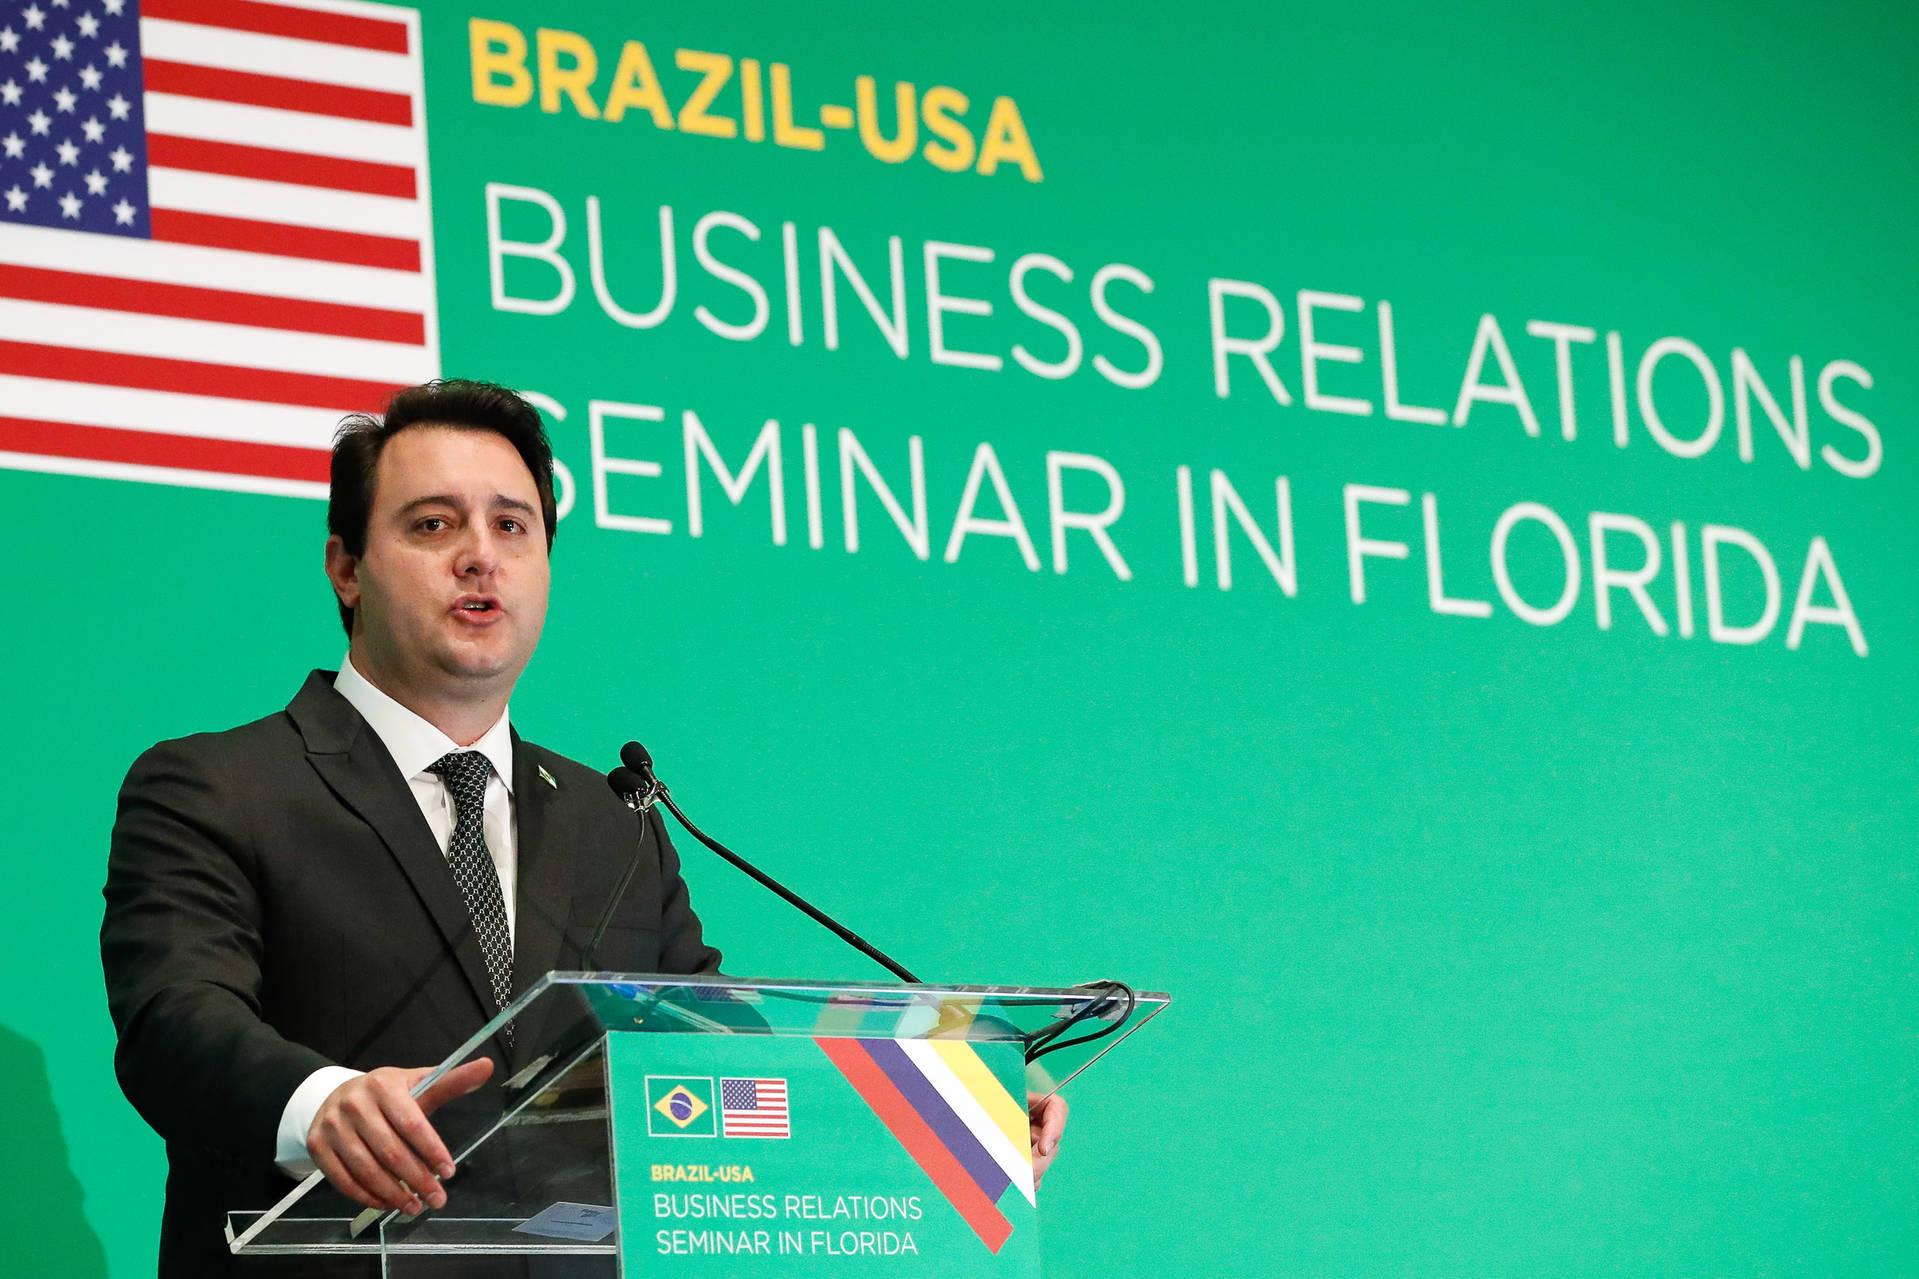 Ratinho Junior é o único governador a acompanhar o presidente Bolsonaro na missão brasileira nos EUA e  fala sobre oportunidades do estado do Paraná.